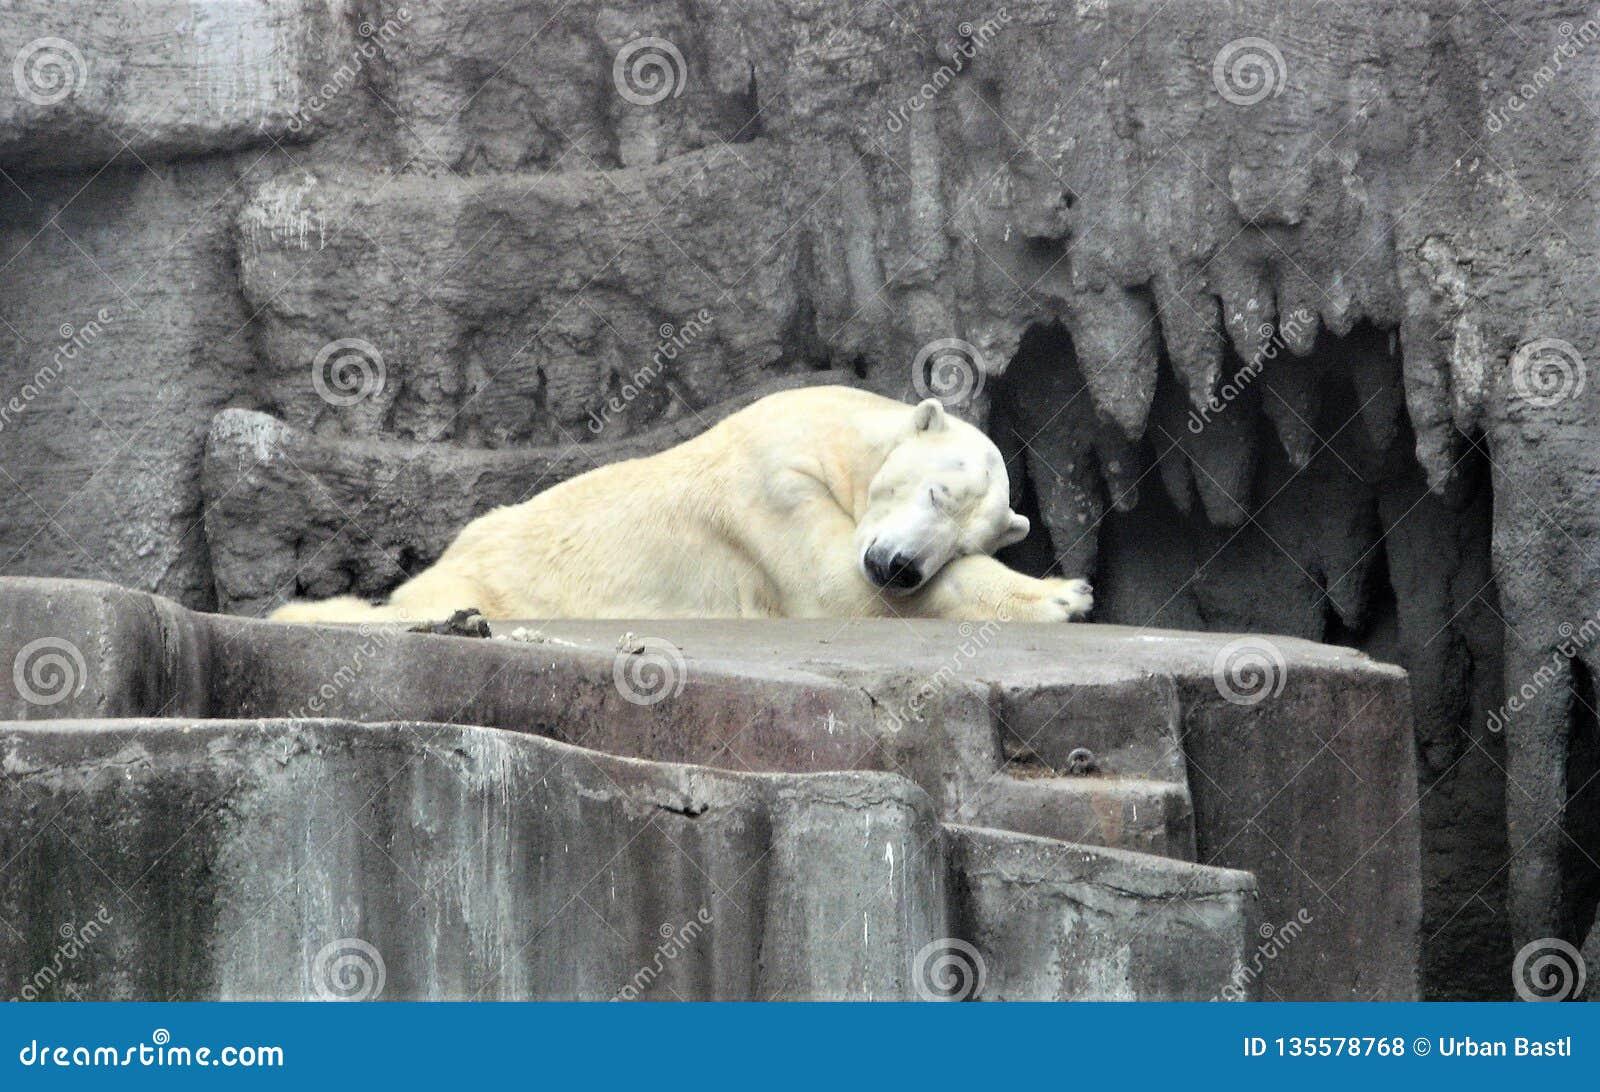 Ijsbeerslaap in een dierentuin